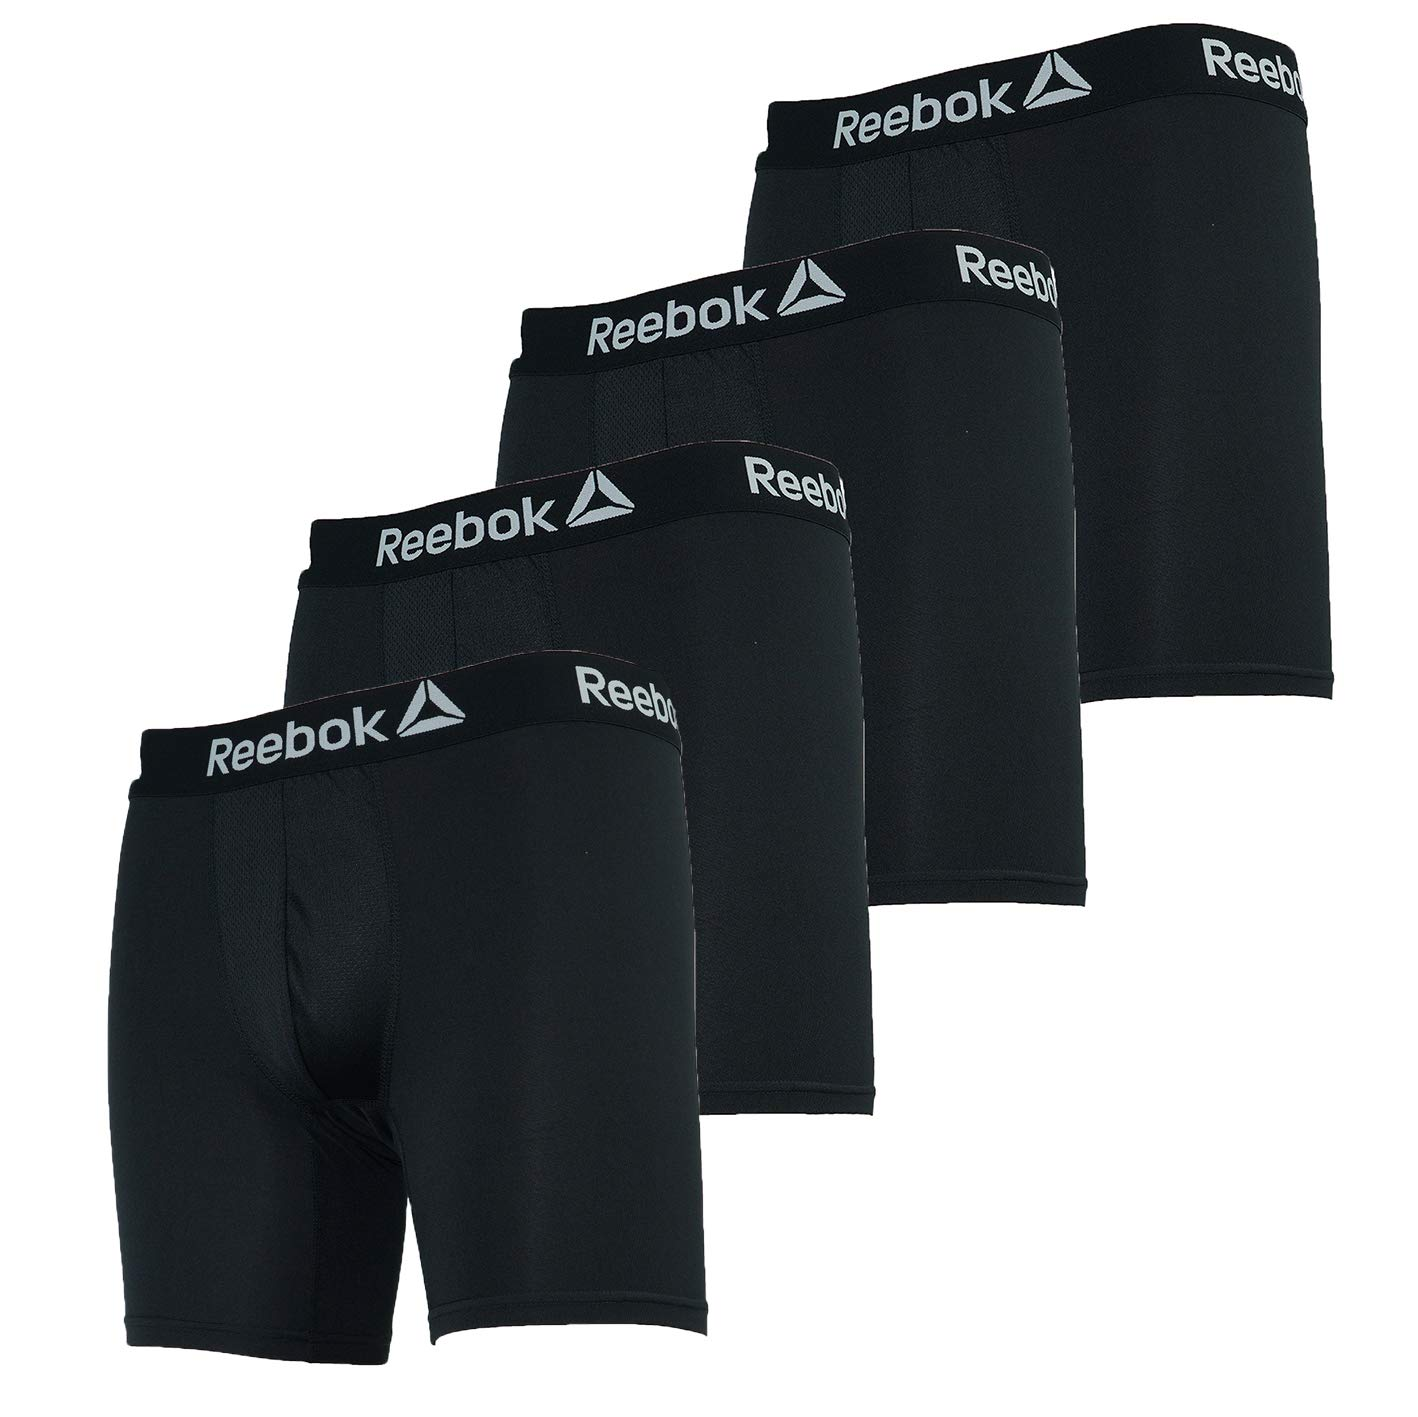 Reebok 4 Pack Underwear Performance Boxer Brief Men - 191